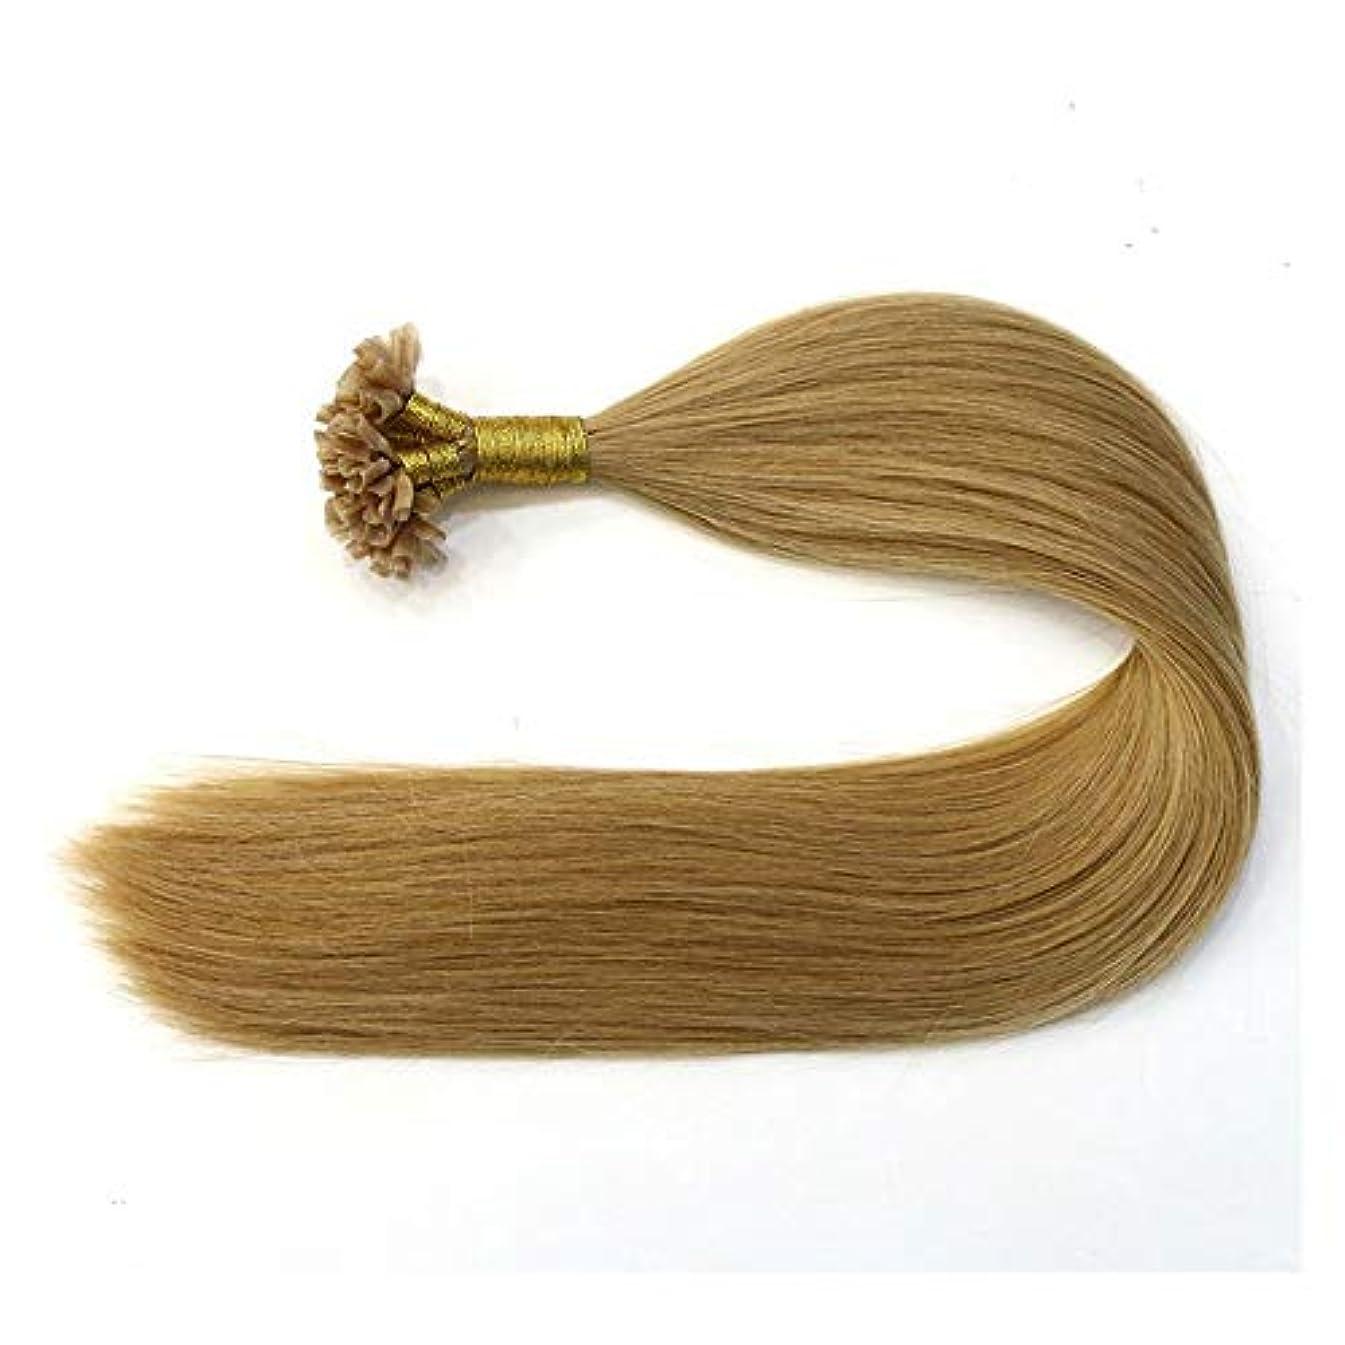 磁器鈍い選択JULYTER 100%本物の人間の髪の毛のナノリングヘアエクステンションブラウン100G /パックサテンストレートヘアエクステンションネイルチップヘア (色 : Photo color, サイズ : 18 inch)